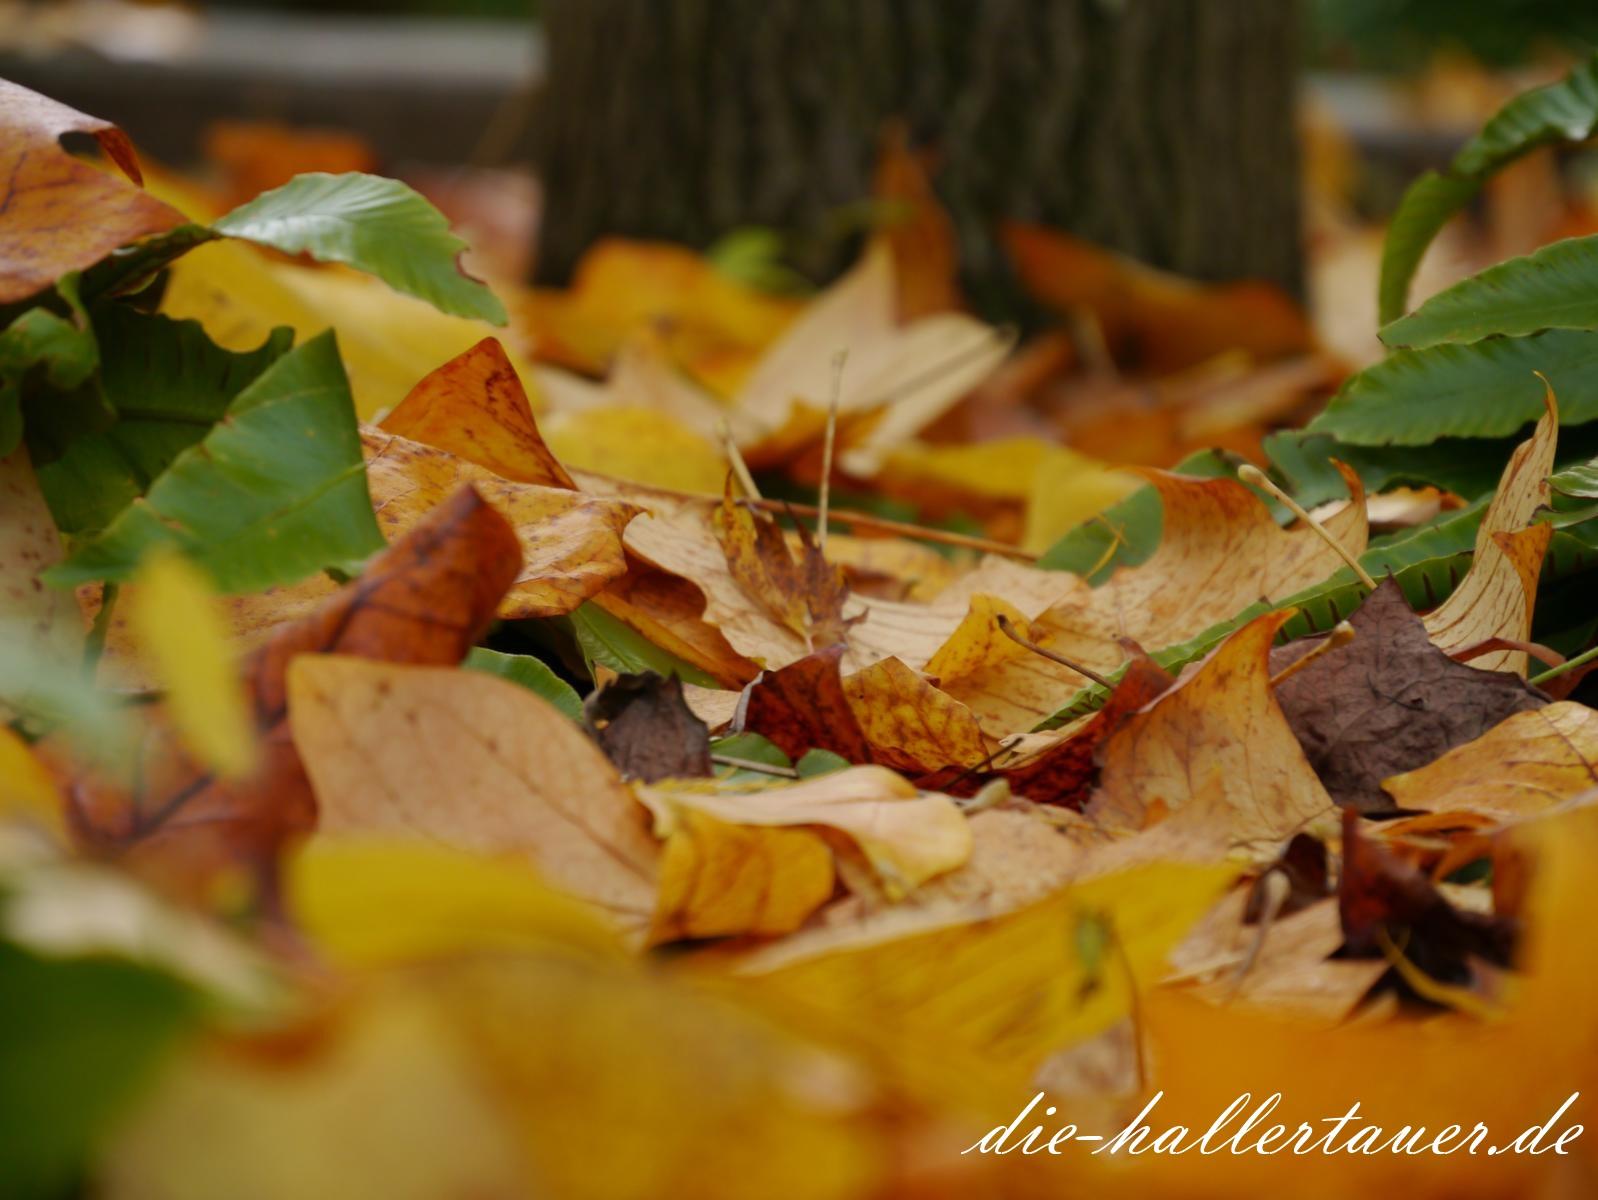 Hallertau Herbstblätter